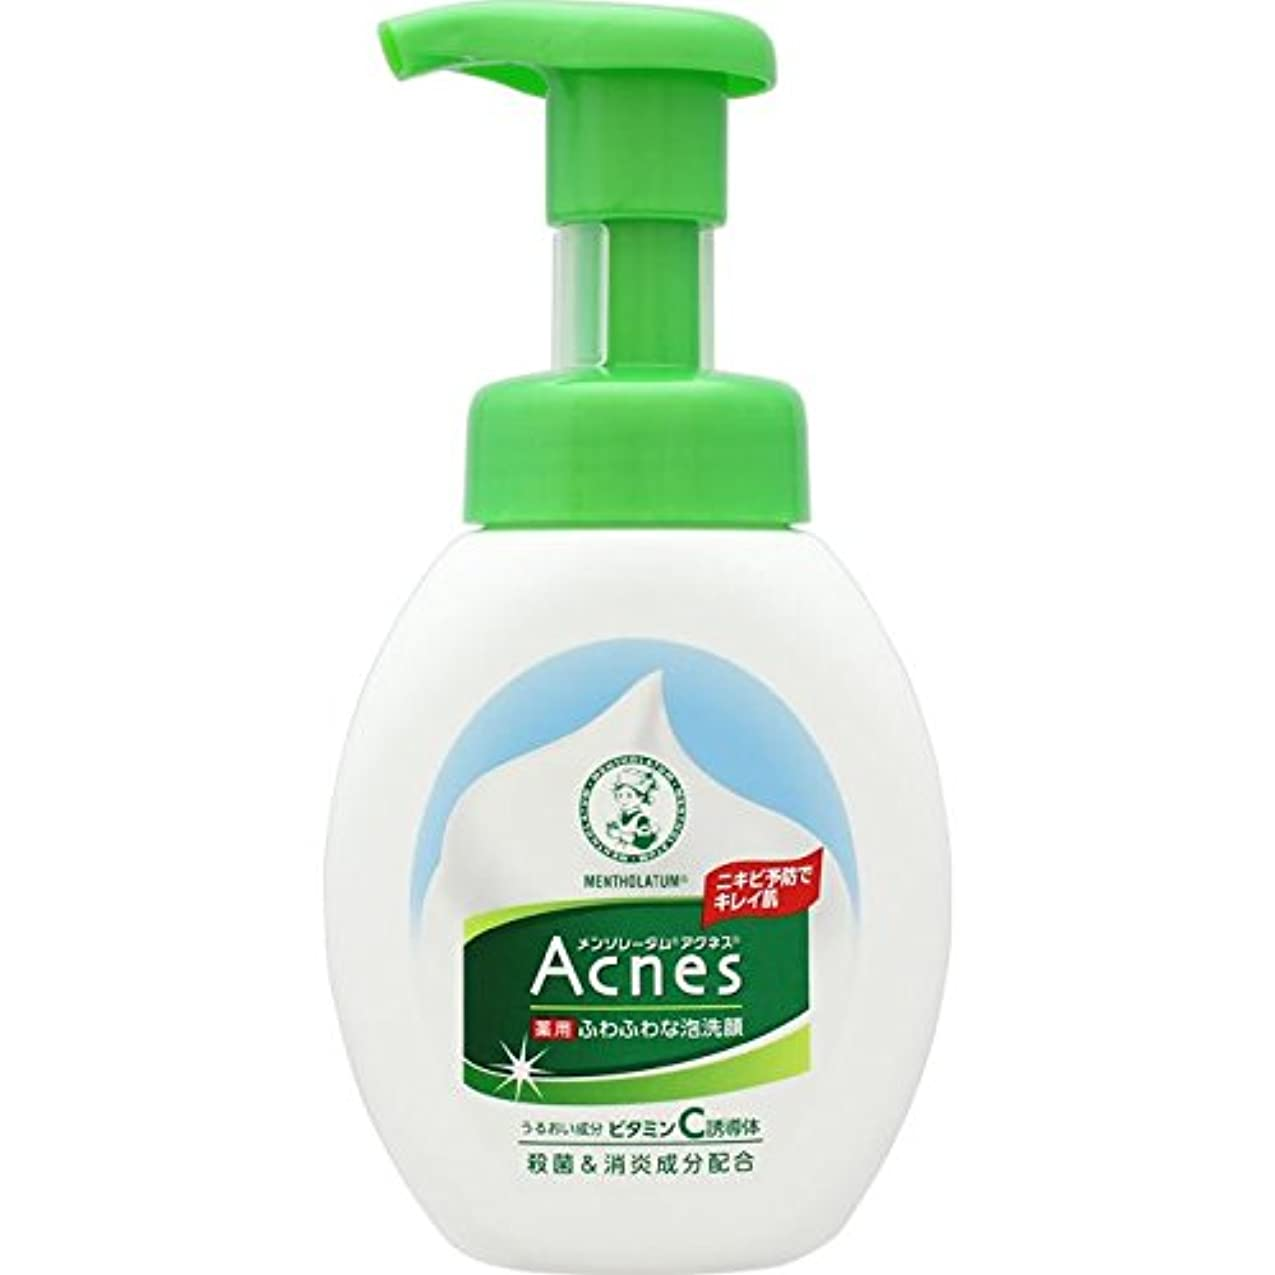 気怠い民族主義ビームAcnes(アクネス) 薬用ふわふわな泡洗顔 160mL【医薬部外品】